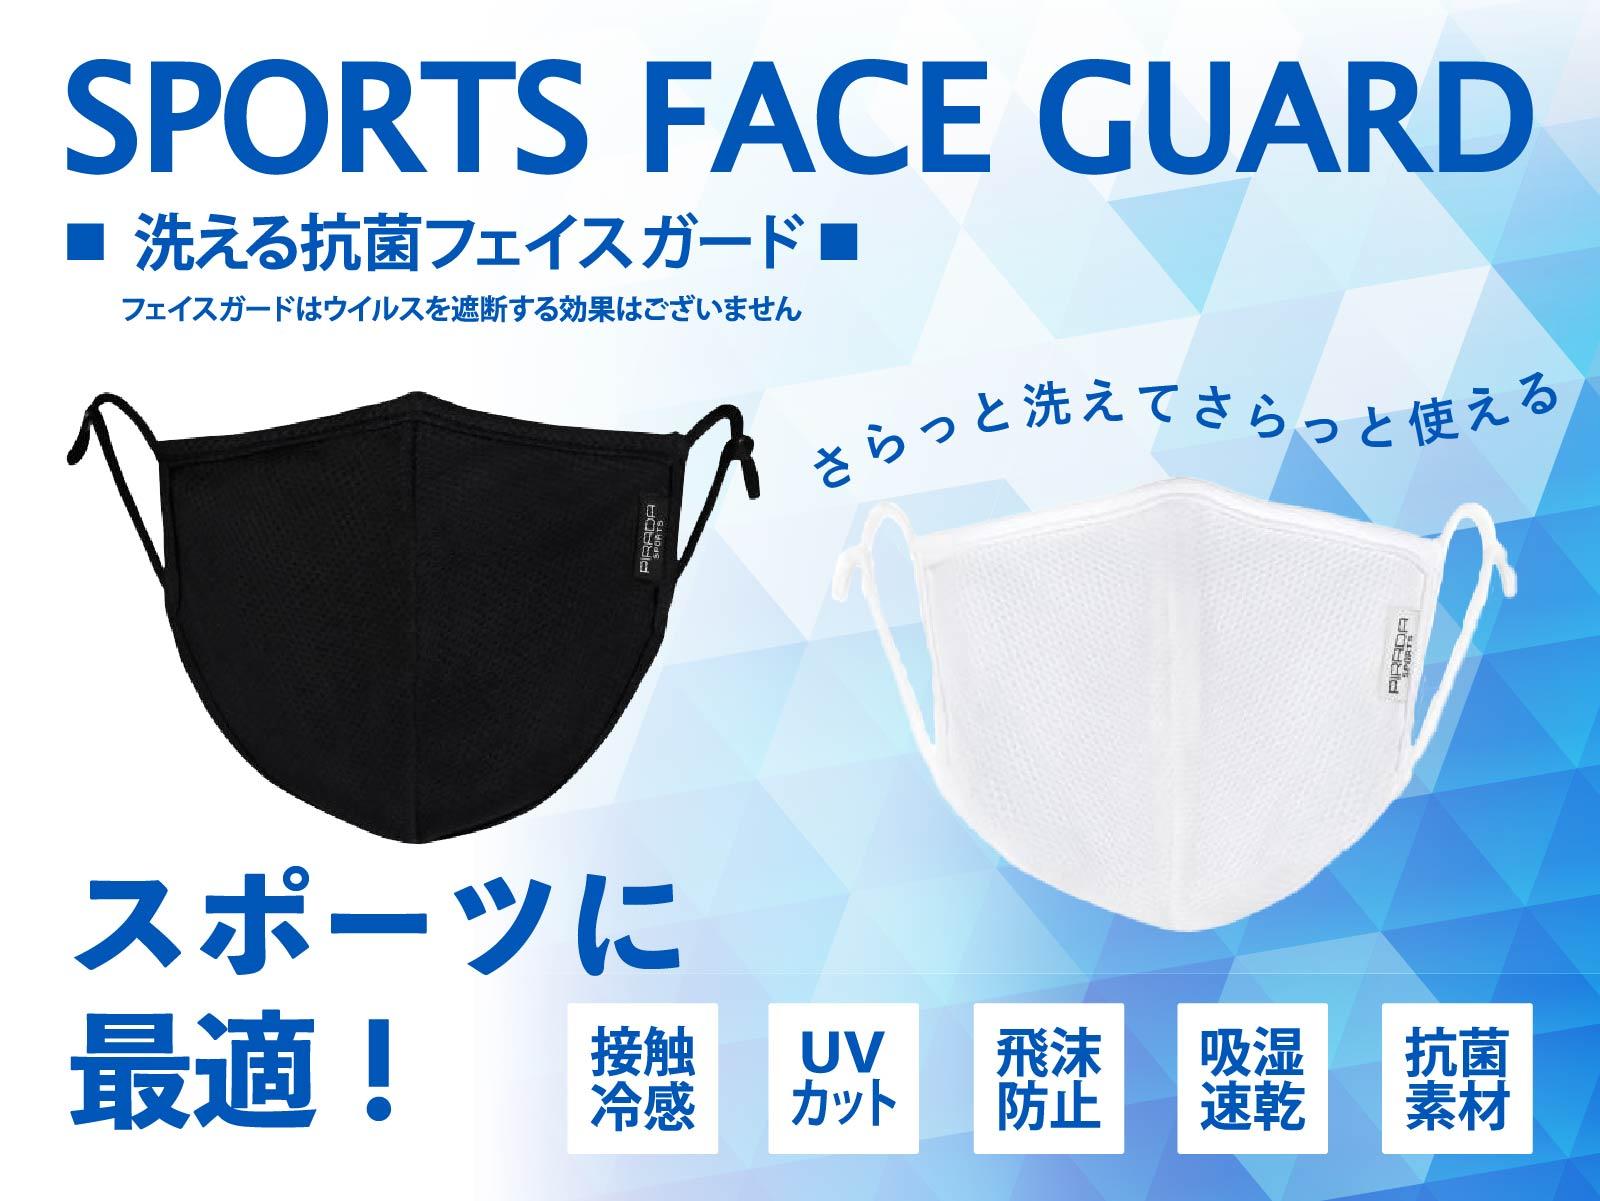 【新作】スポーツフェイスガード・抗菌マスク、接触冷感・抗菌消臭・吸汗速乾・UVカット ・mask